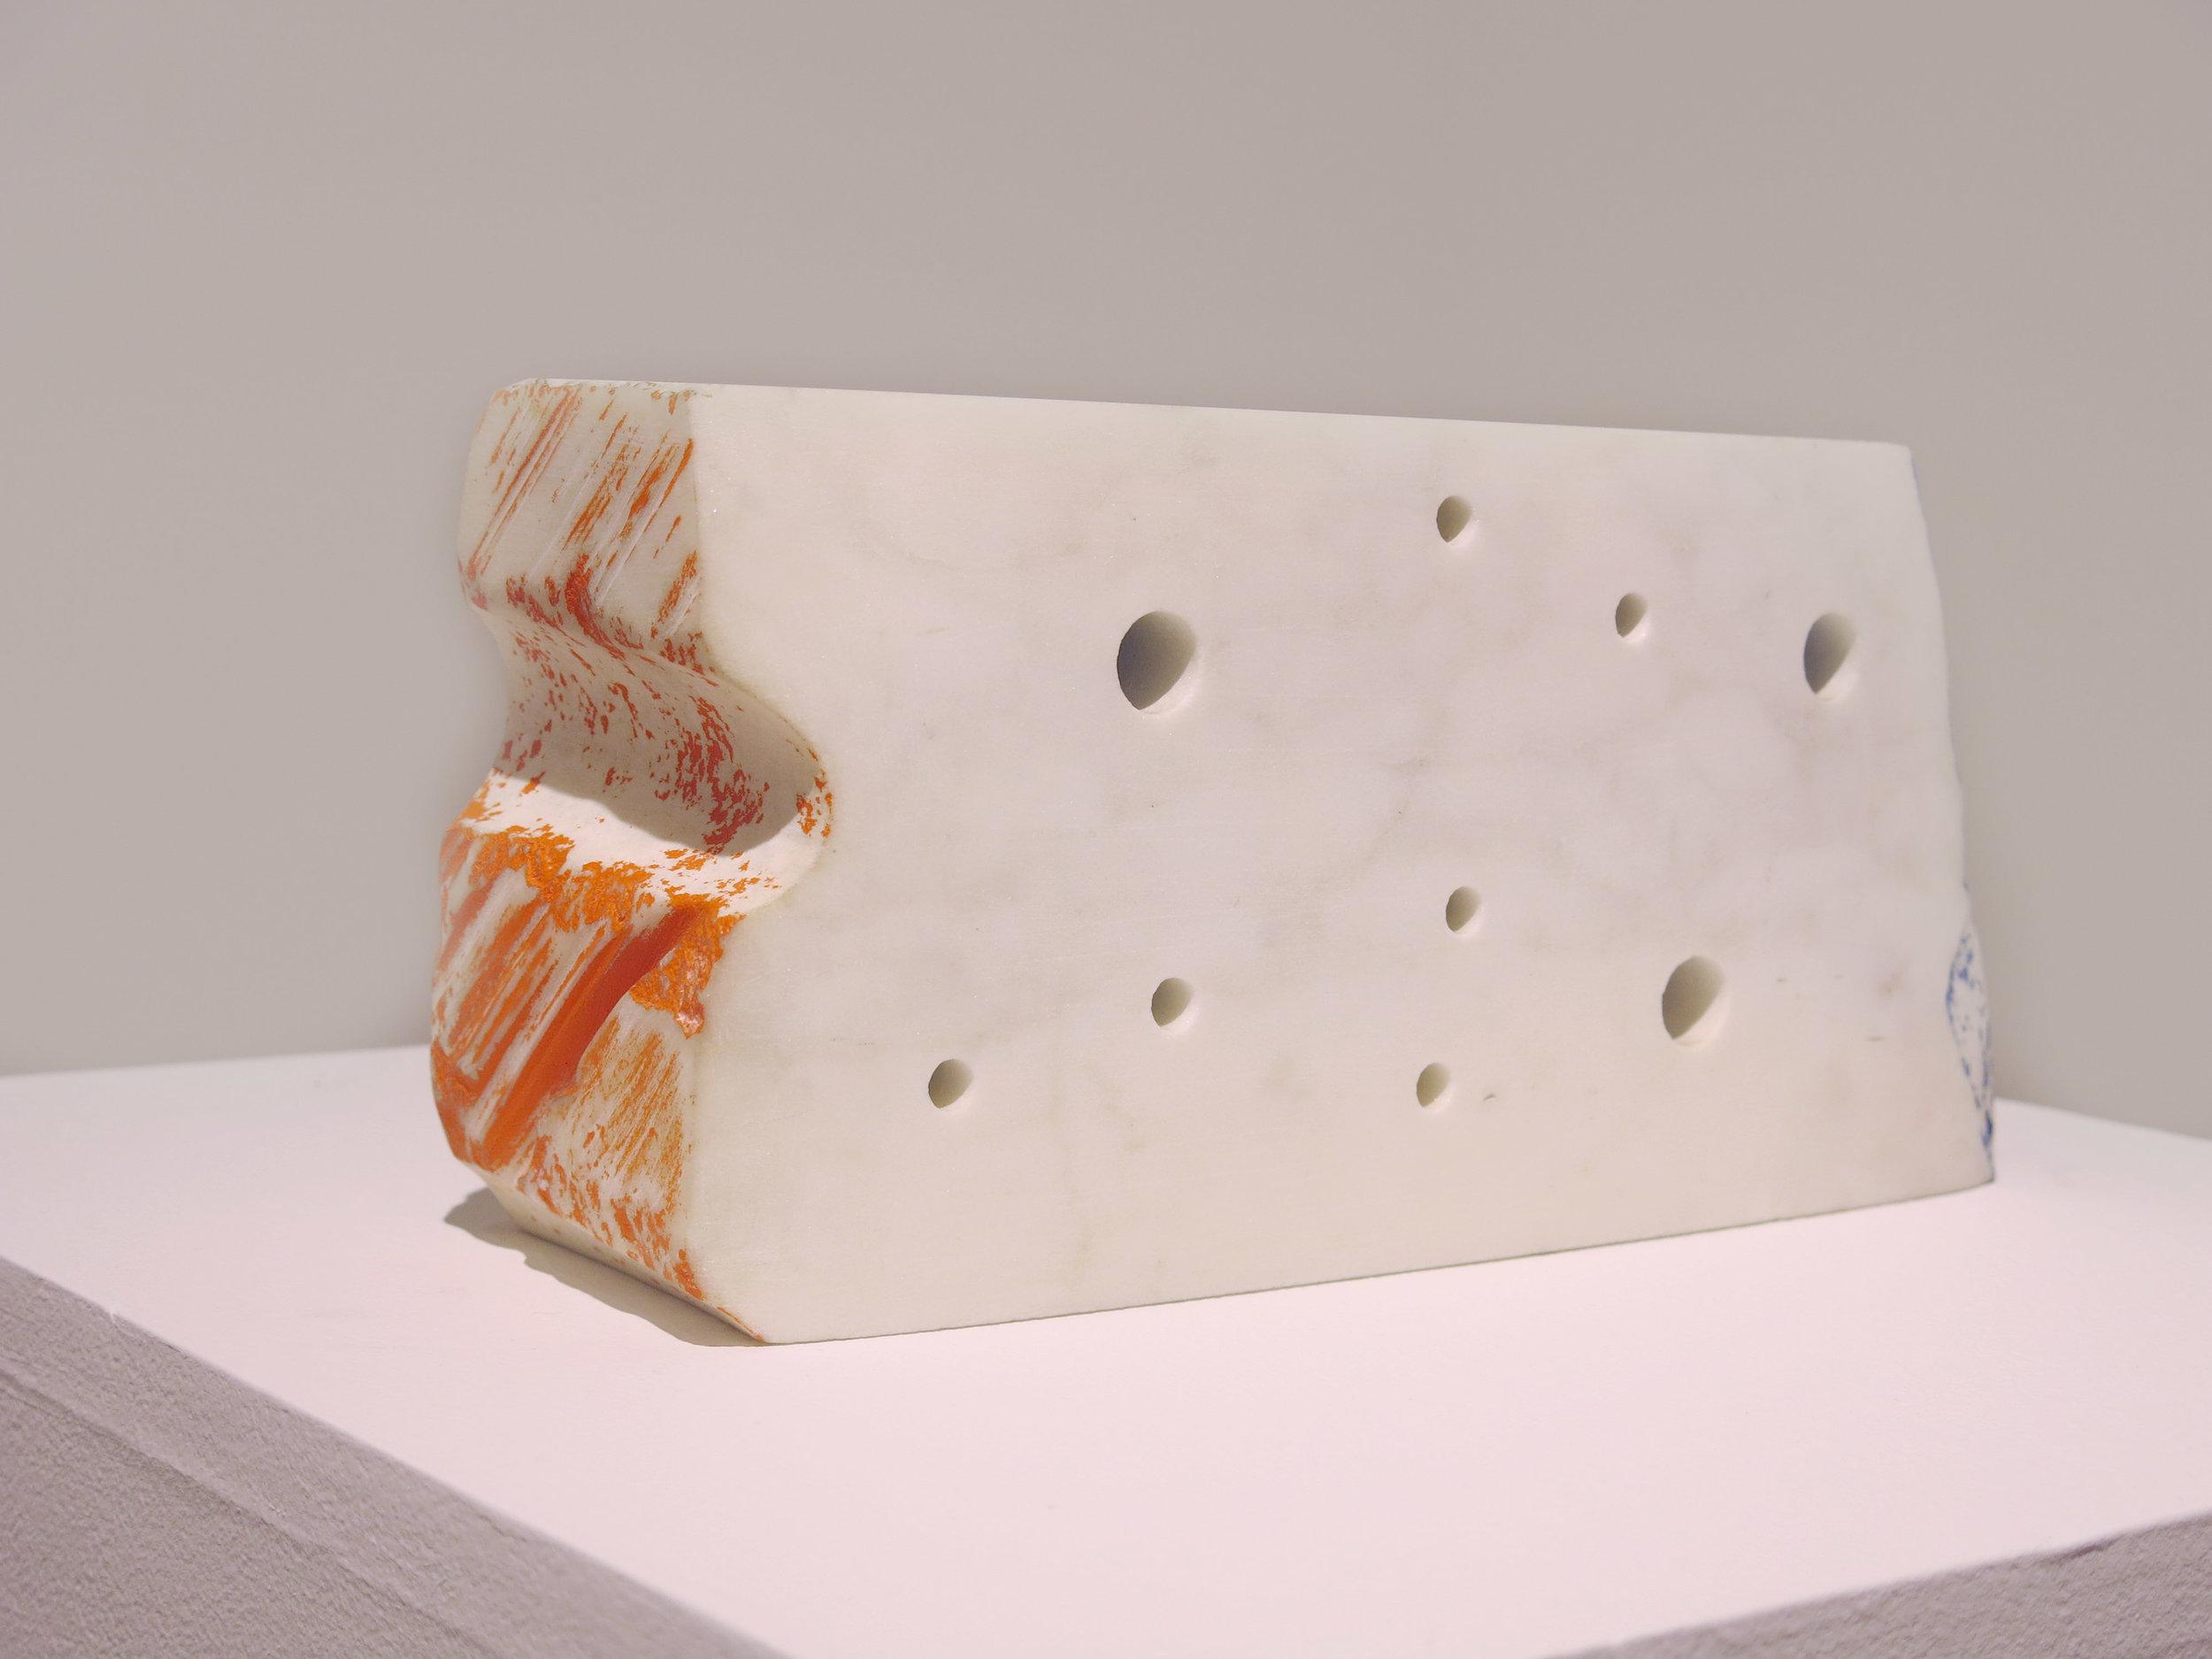 Edward Finnegan, Meditation, 2008, Carrera marble, pigment, 6h x 12.5w x 4.5d in.